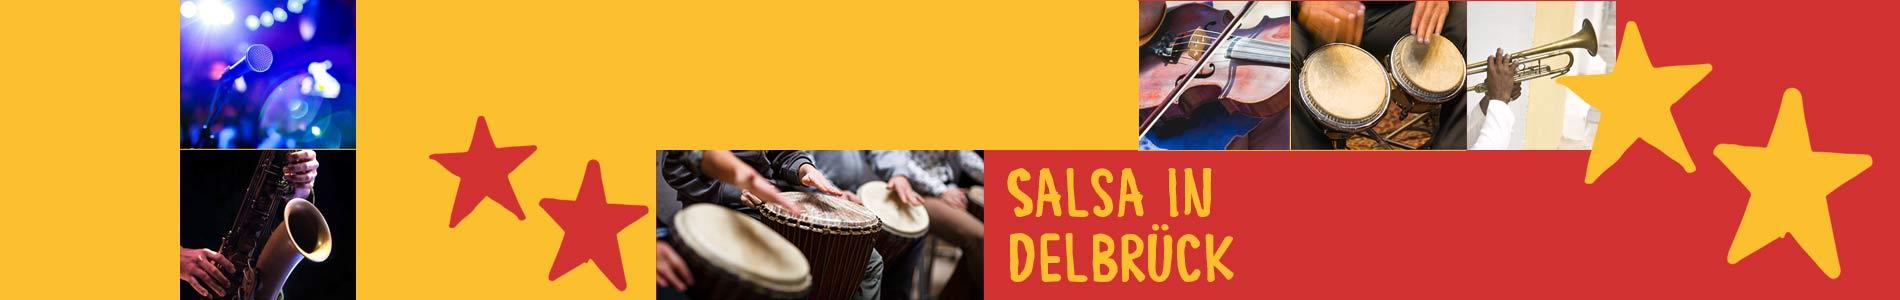 Salsa in Delbrück – Salsa lernen und tanzen, Tanzkurse, Partys, Veranstaltungen